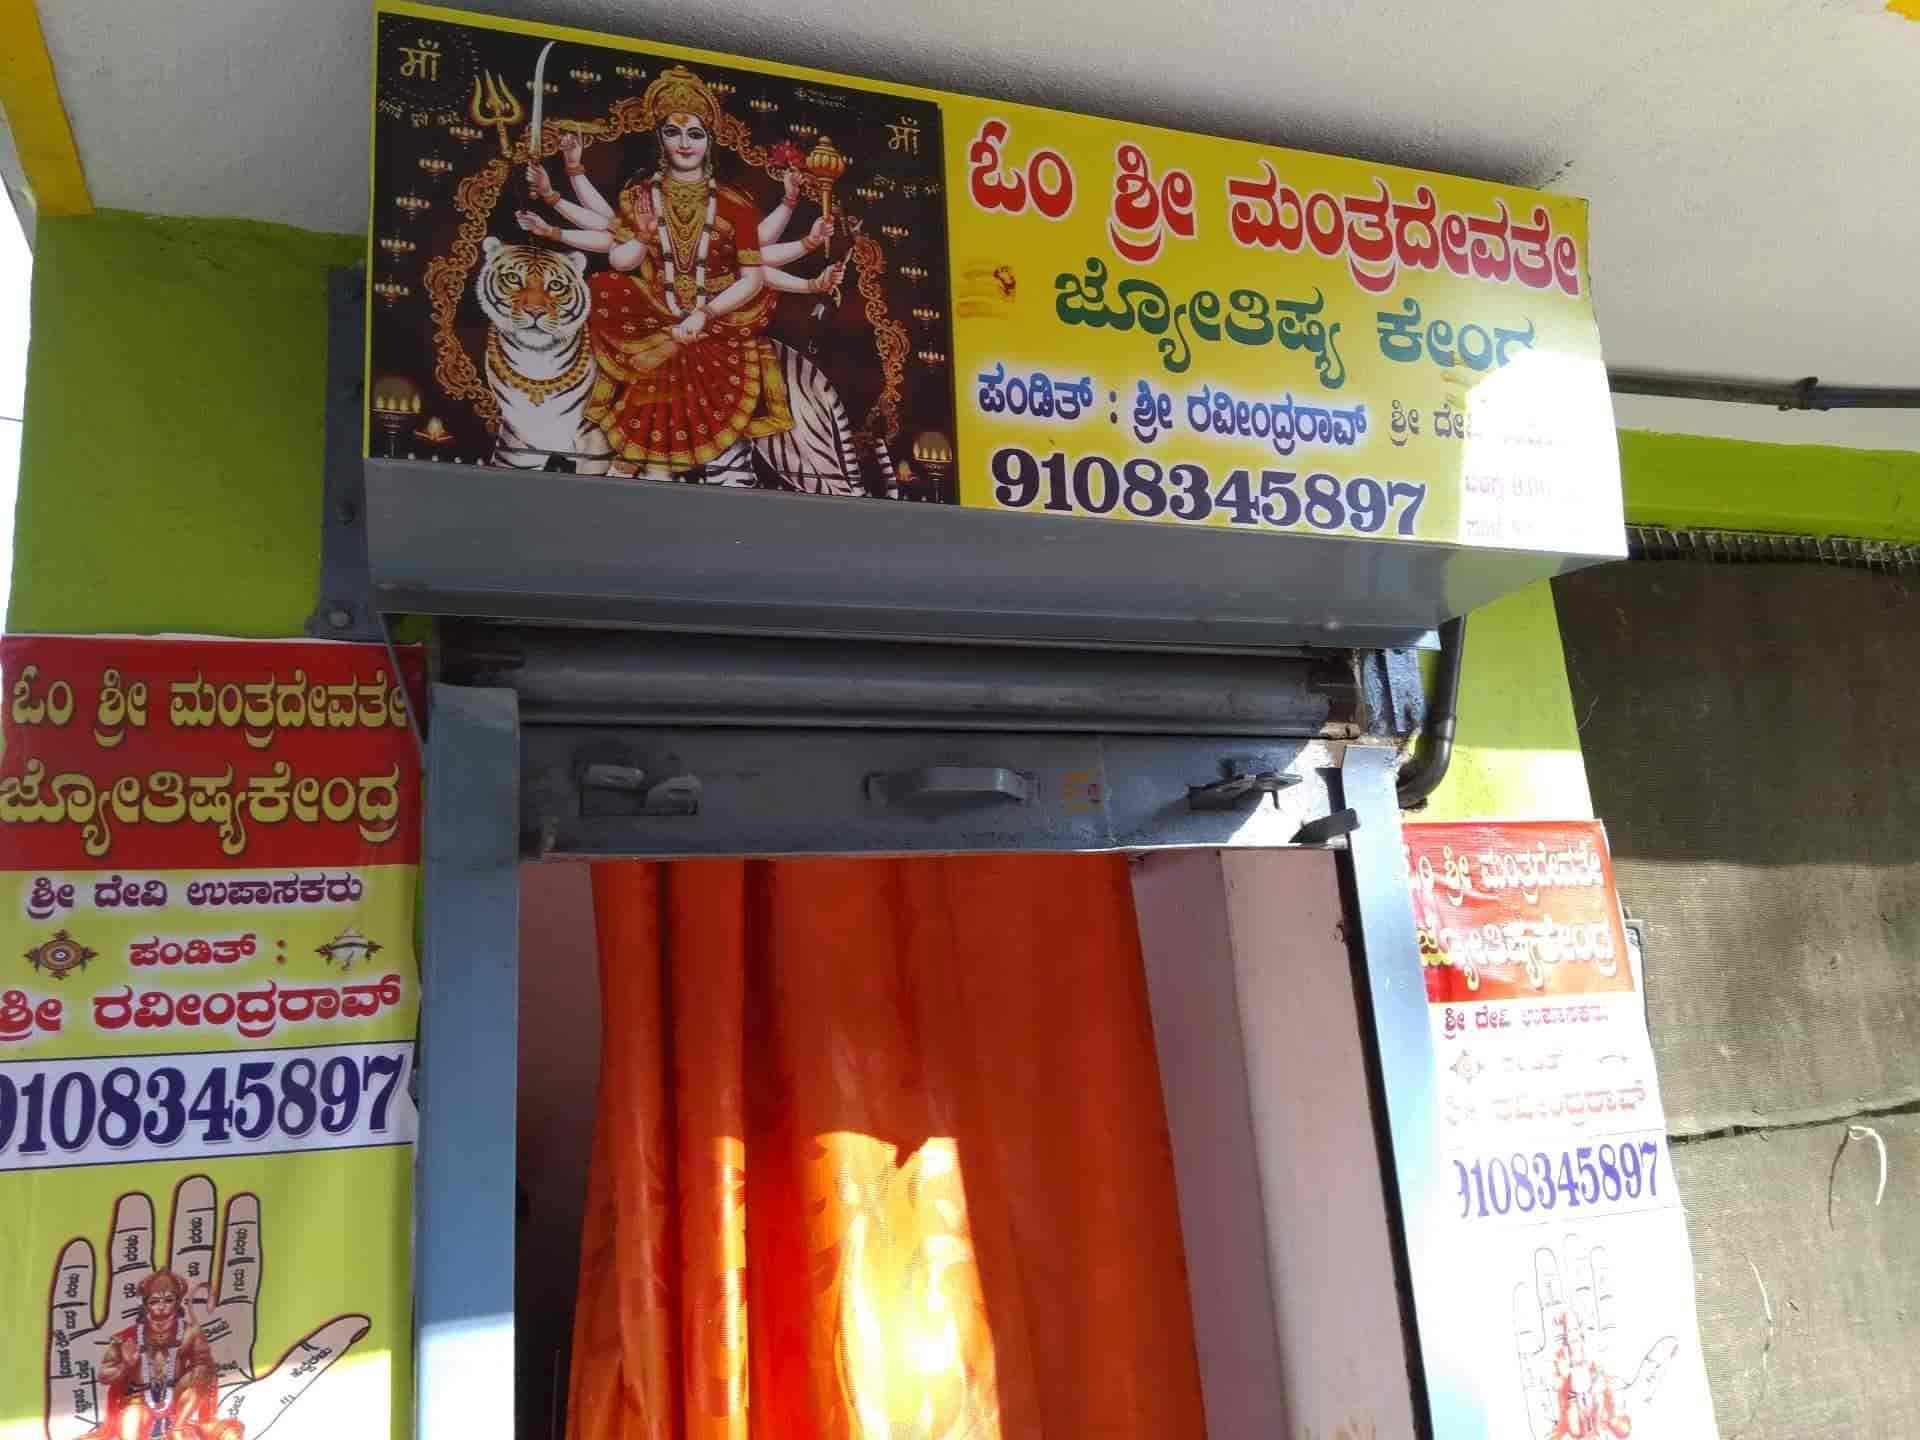 Om Shri Manthra Devathe Astro Centre, Rajajinagar 6th Block